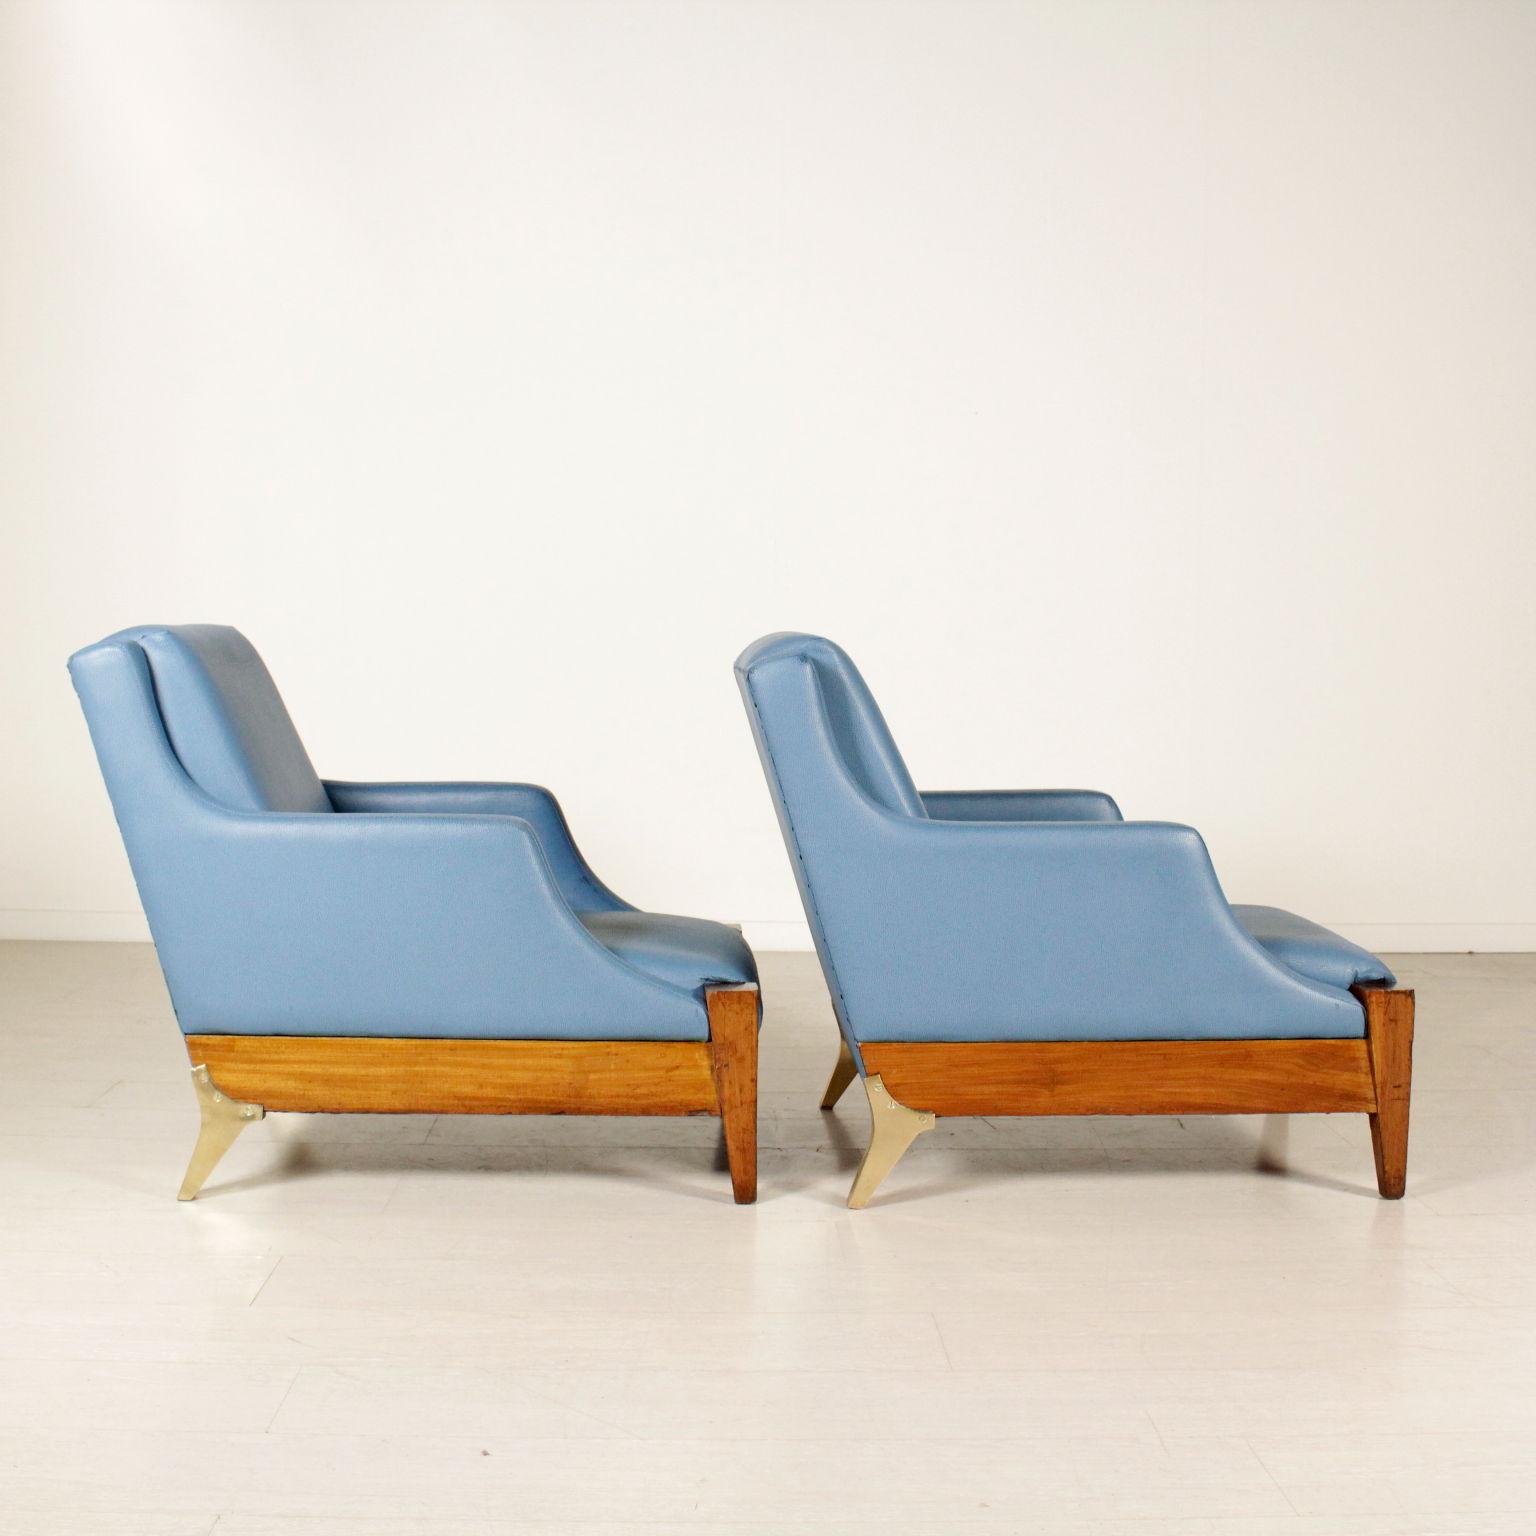 sessel jahre 40 50 sessel modernes design. Black Bedroom Furniture Sets. Home Design Ideas